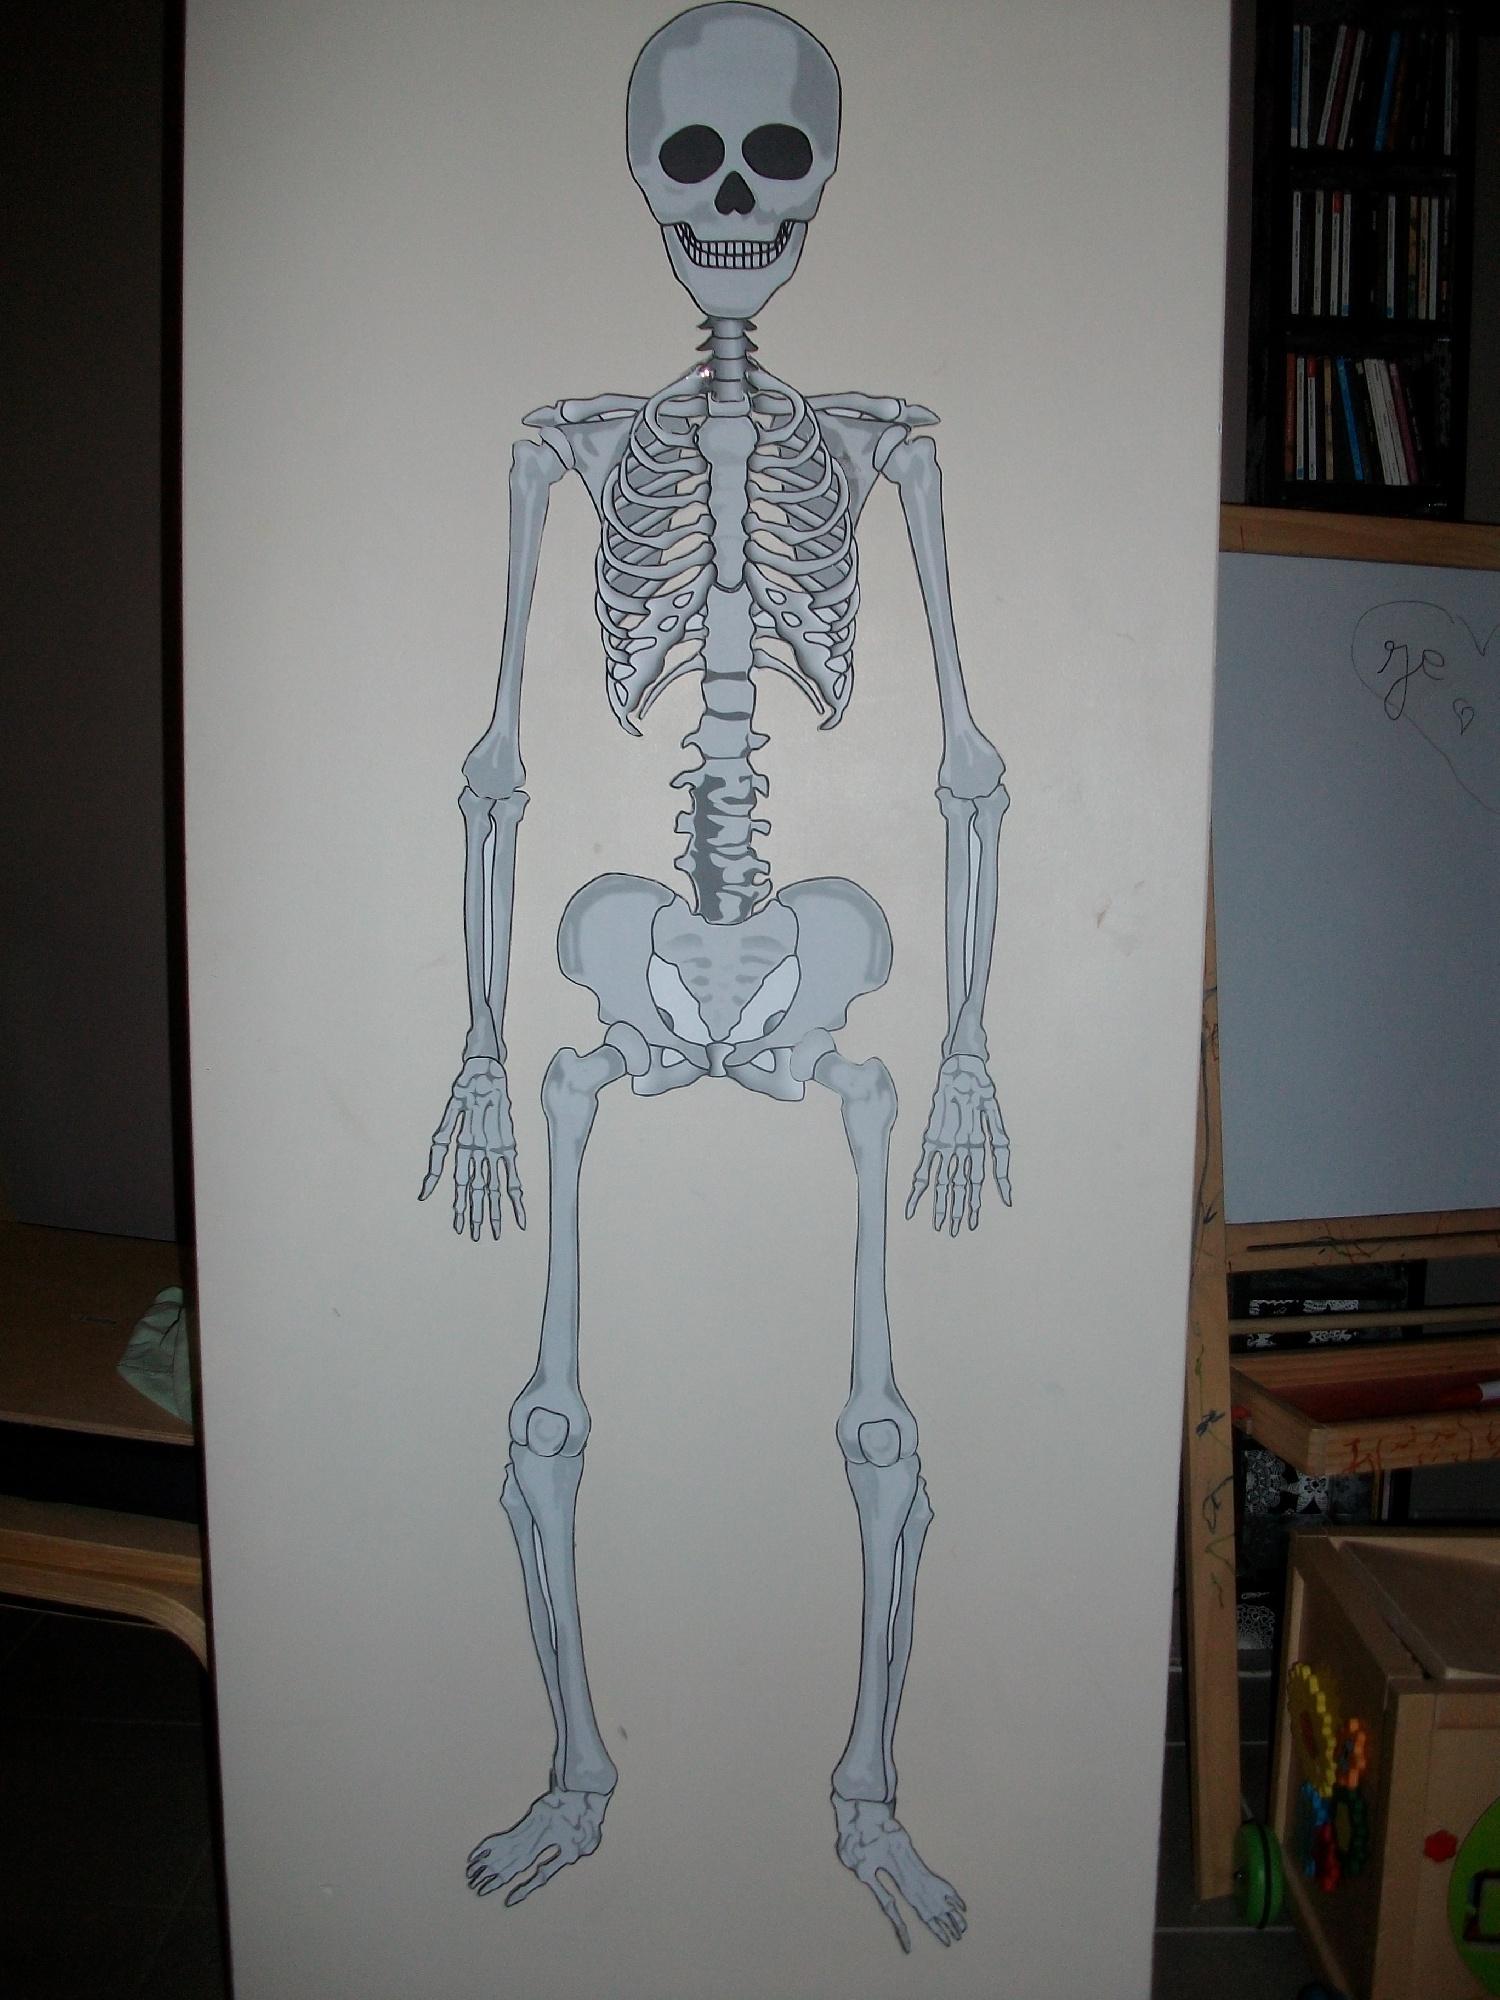 Populaire Les os du squelette : Construire un squelette d'1m de haut  GM55